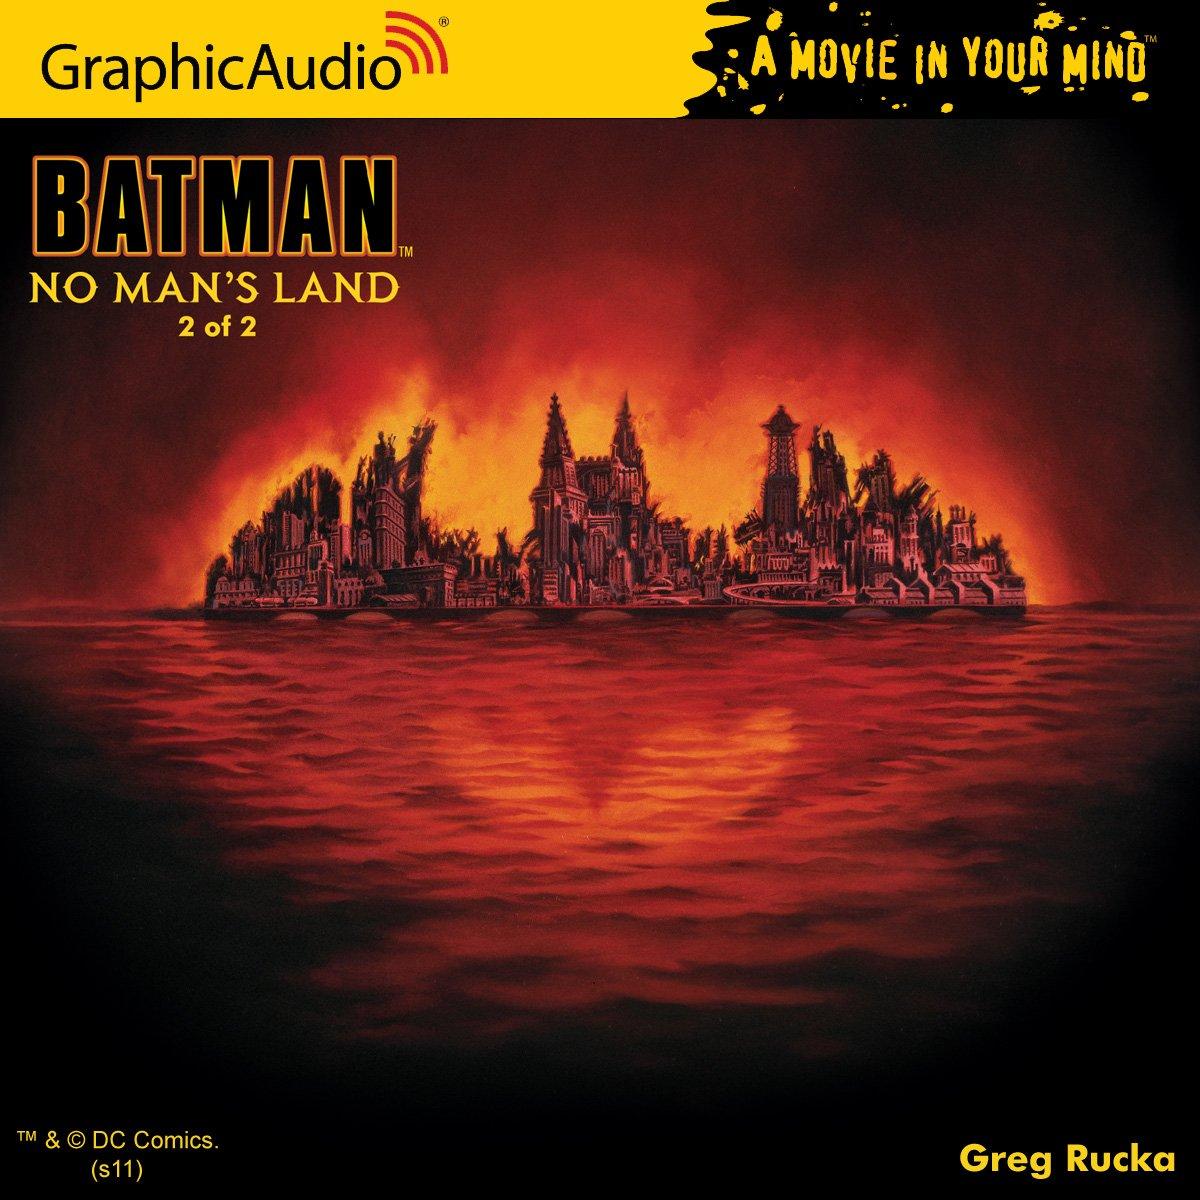 DC Comics: Batman - No Man's Land (2 of 2)